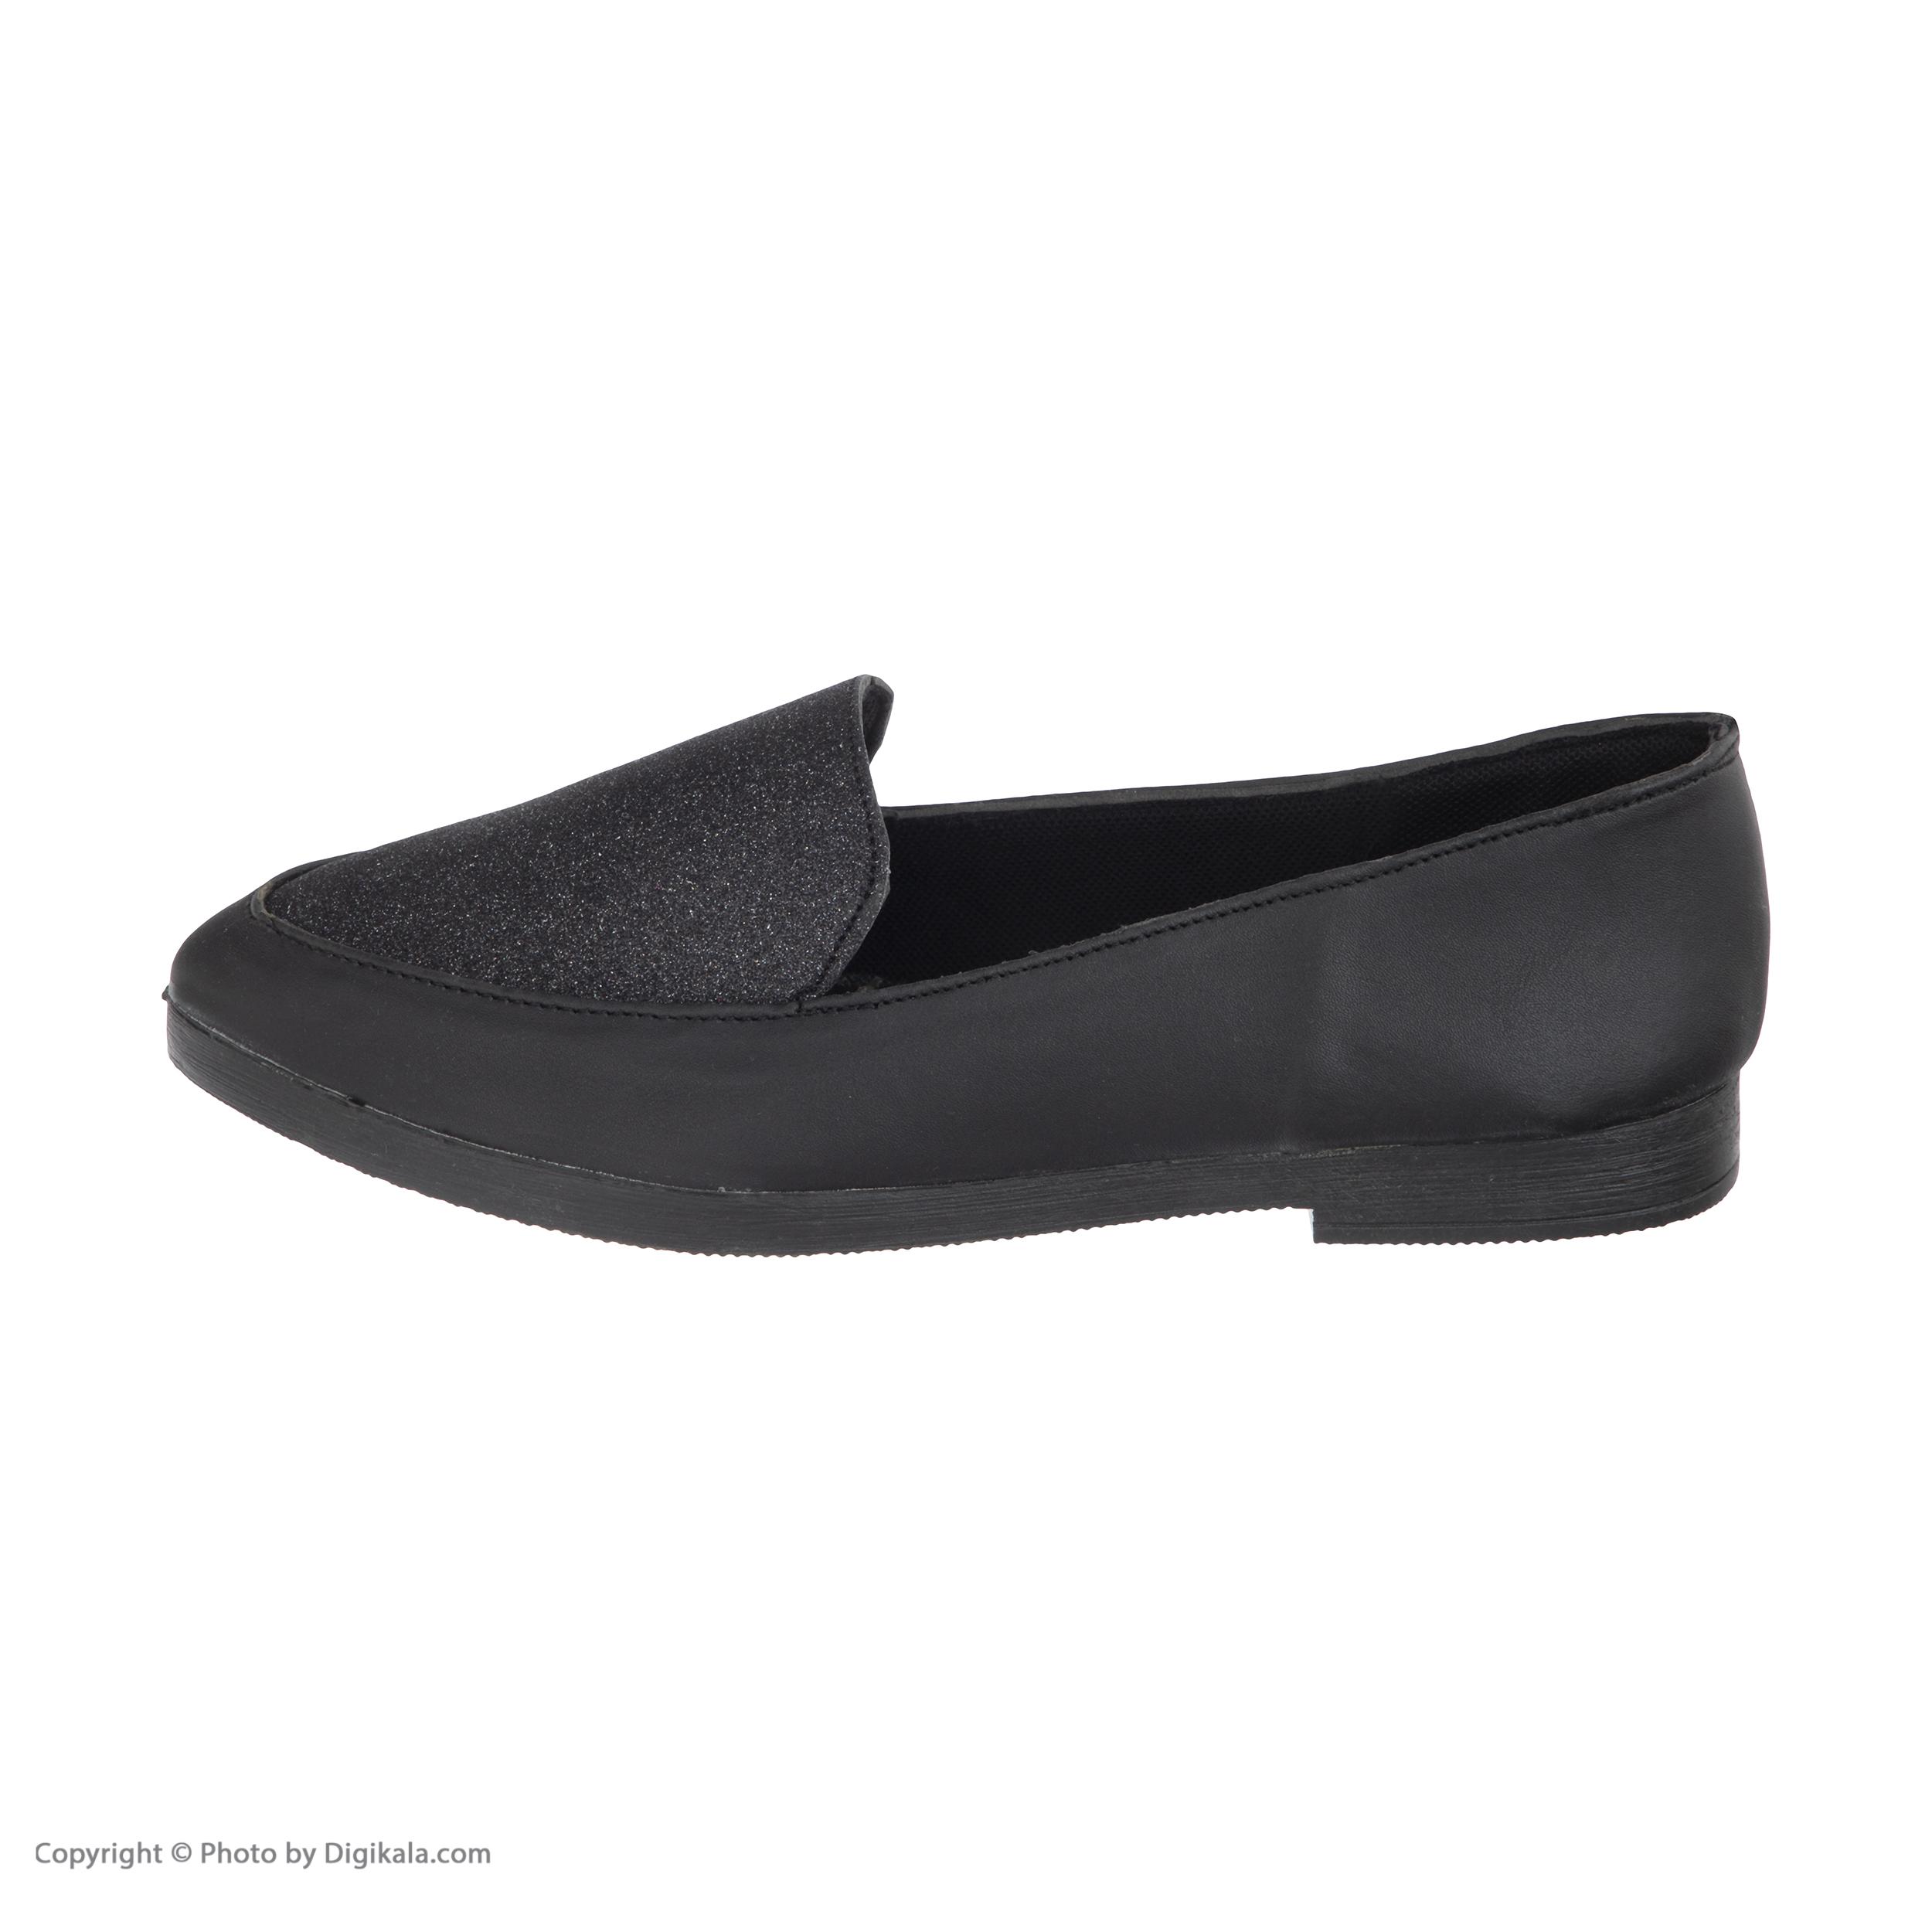 کفش زنانه لبتو مدل 501099 thumb 2 1